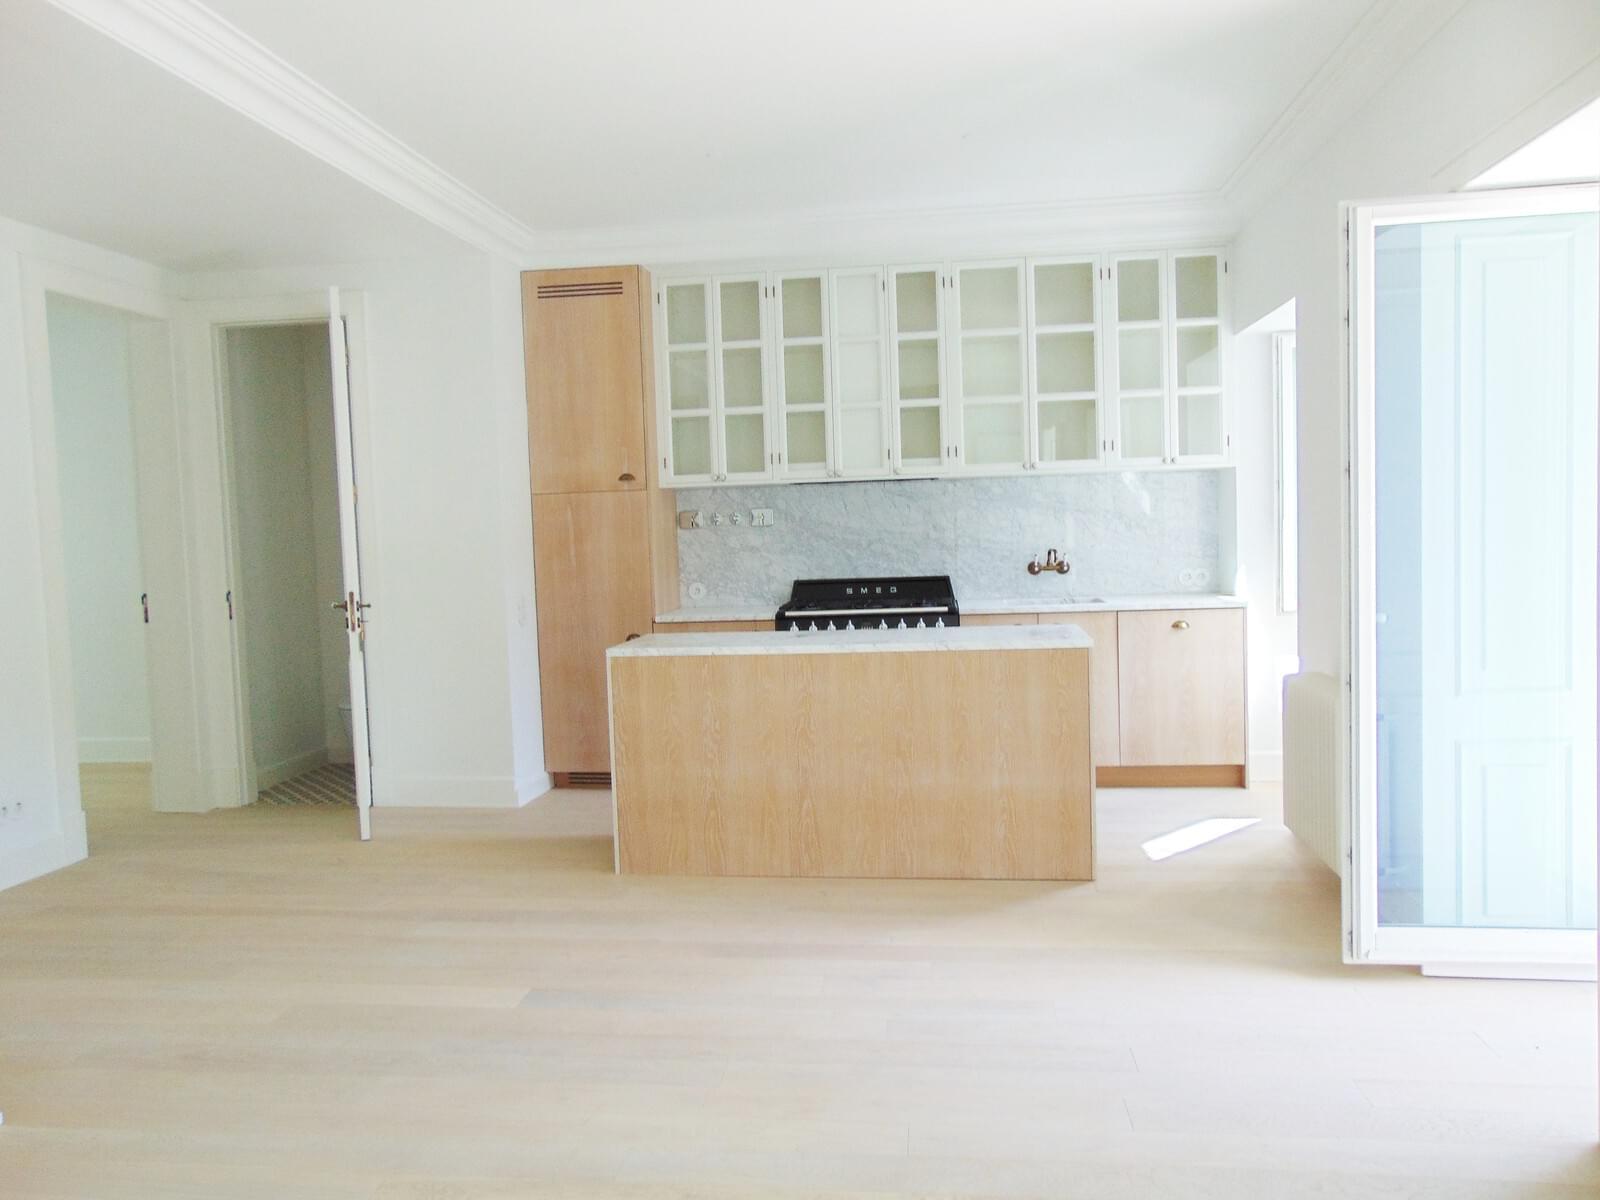 pf18152-apartamento-t2-lisboa-5804615e-d27e-4c91-9fb6-4cf9fd3cddaa